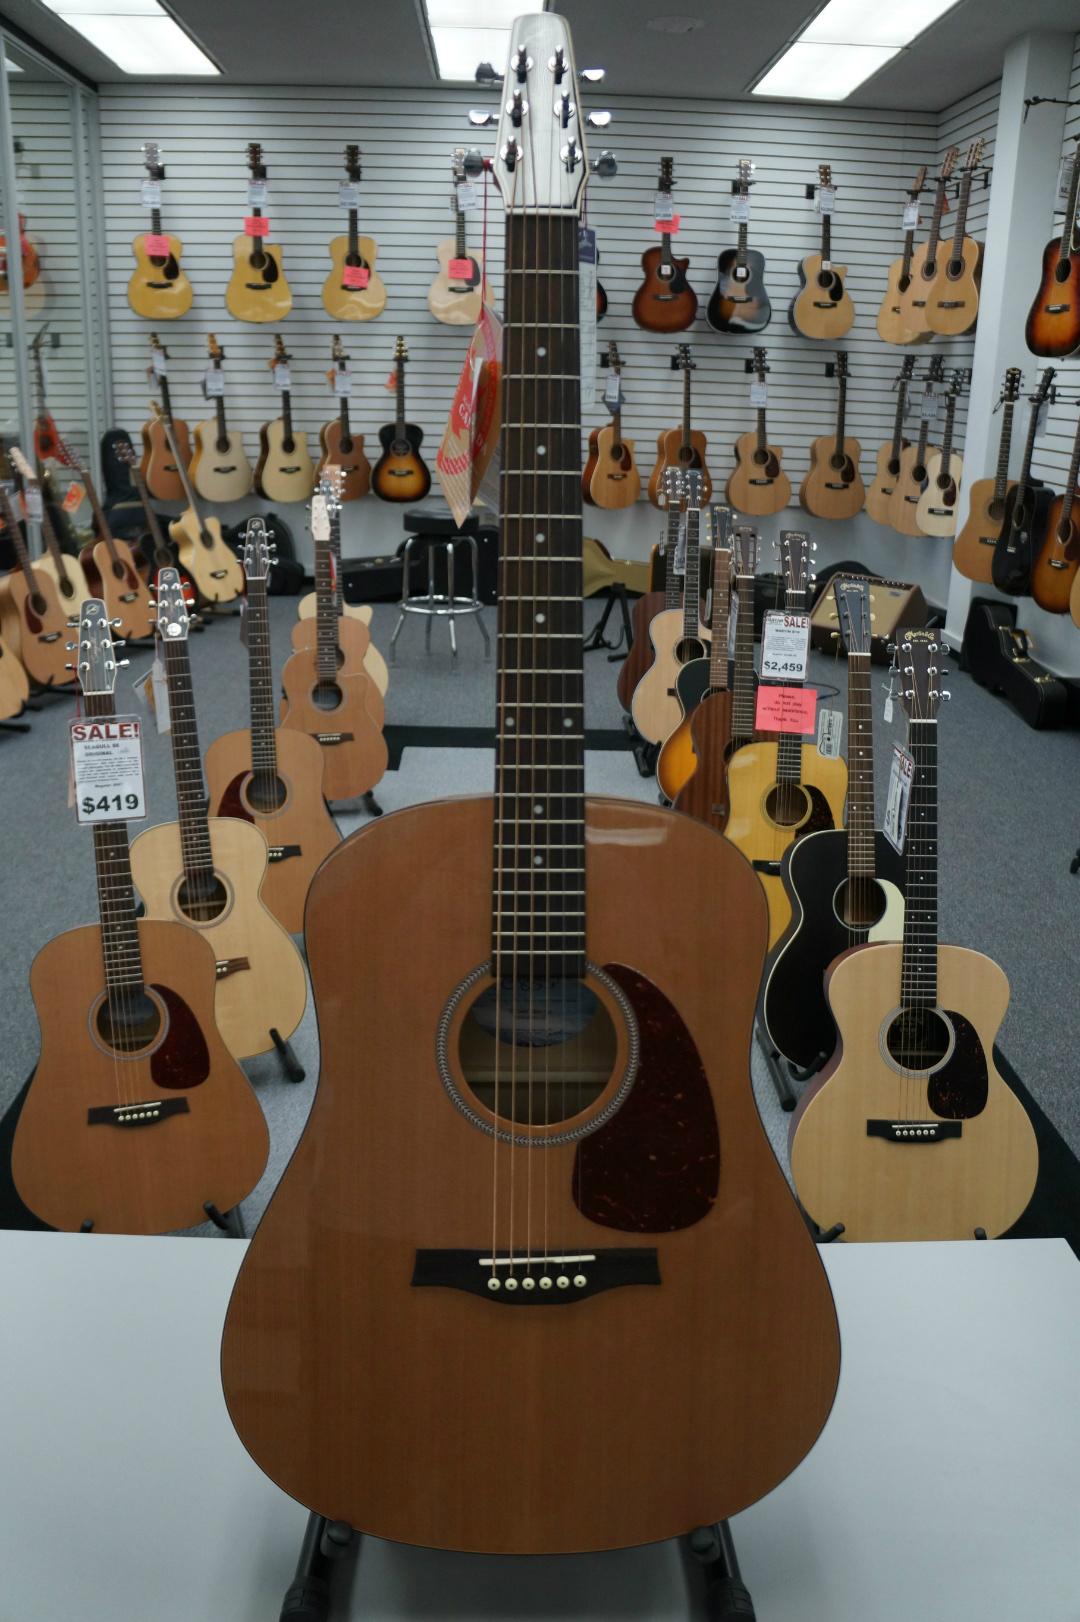 Seagull S6 Cedar Gloss Top Acoustic Guitar